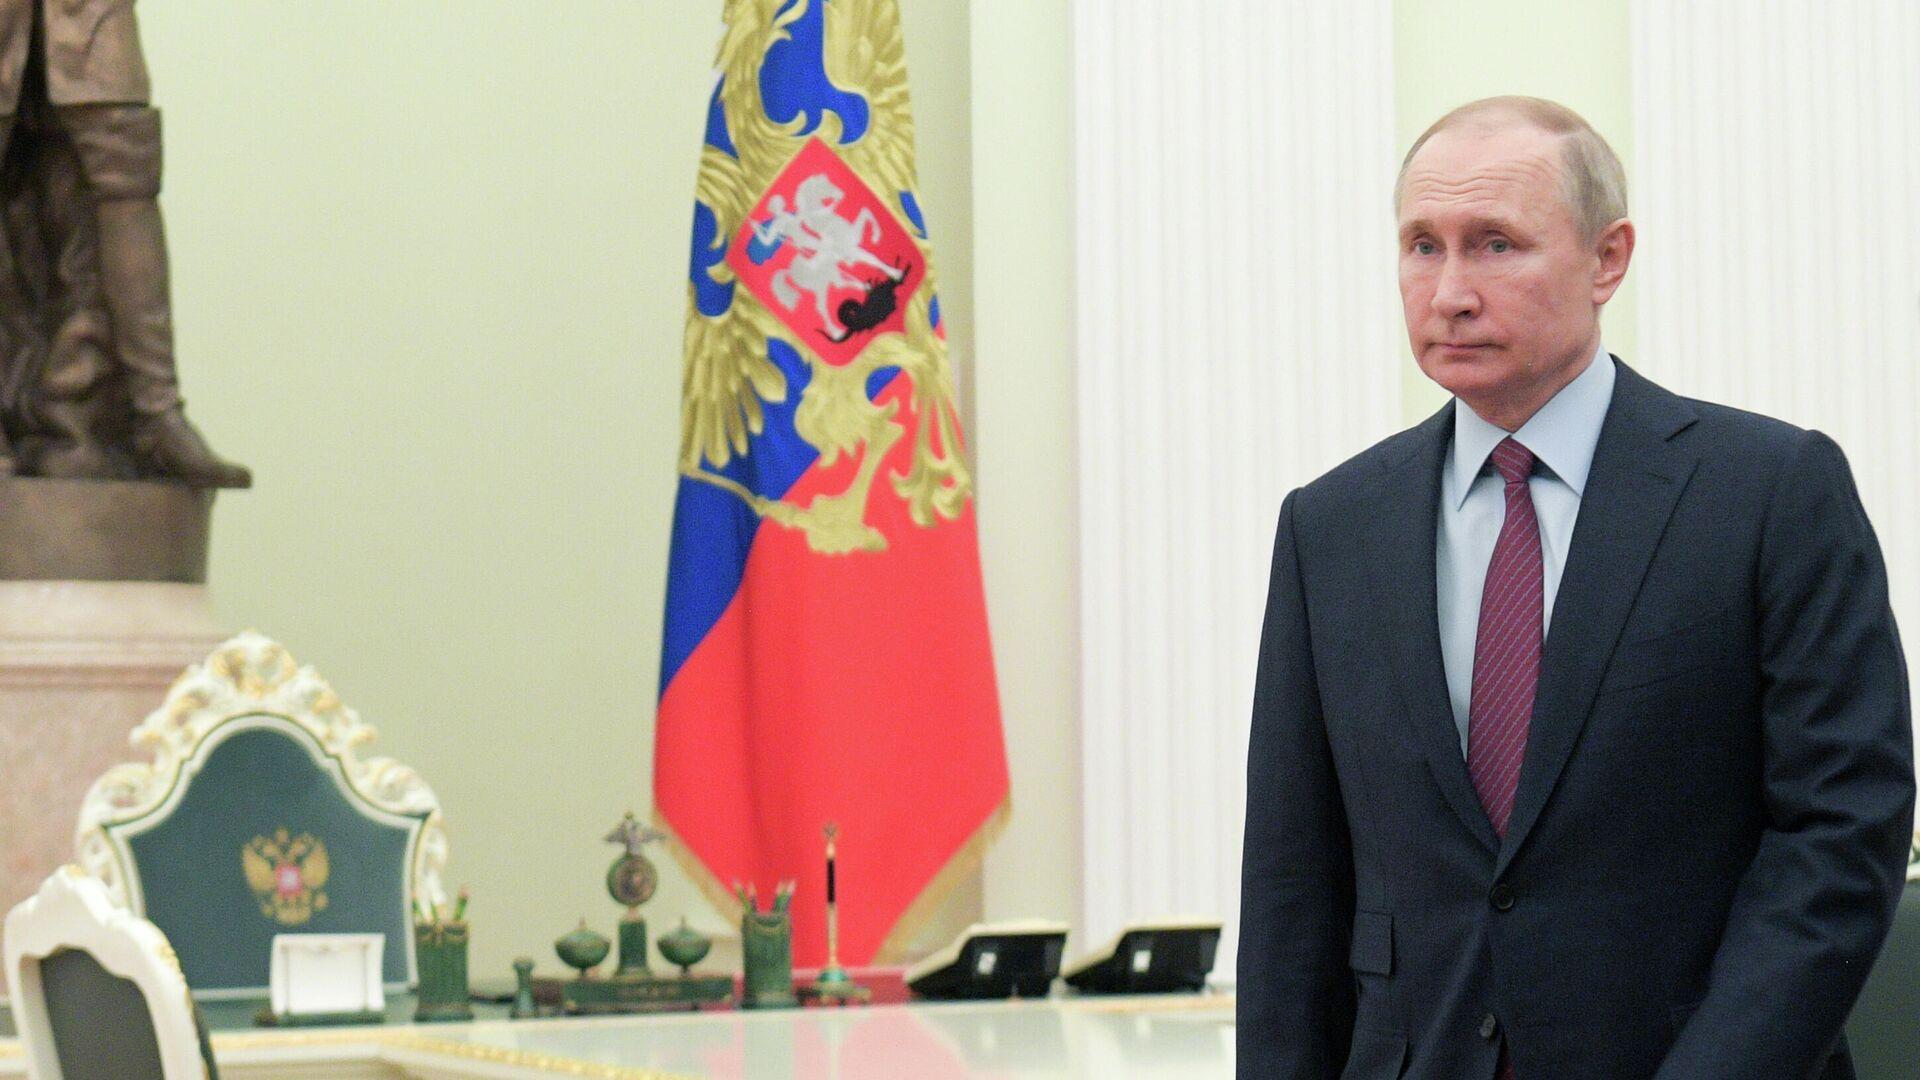 Президент РФ Владимир Путин во время встречи с премьер-министром Израиля Биньямином Нетаньяху - РИА Новости, 1920, 03.02.2020